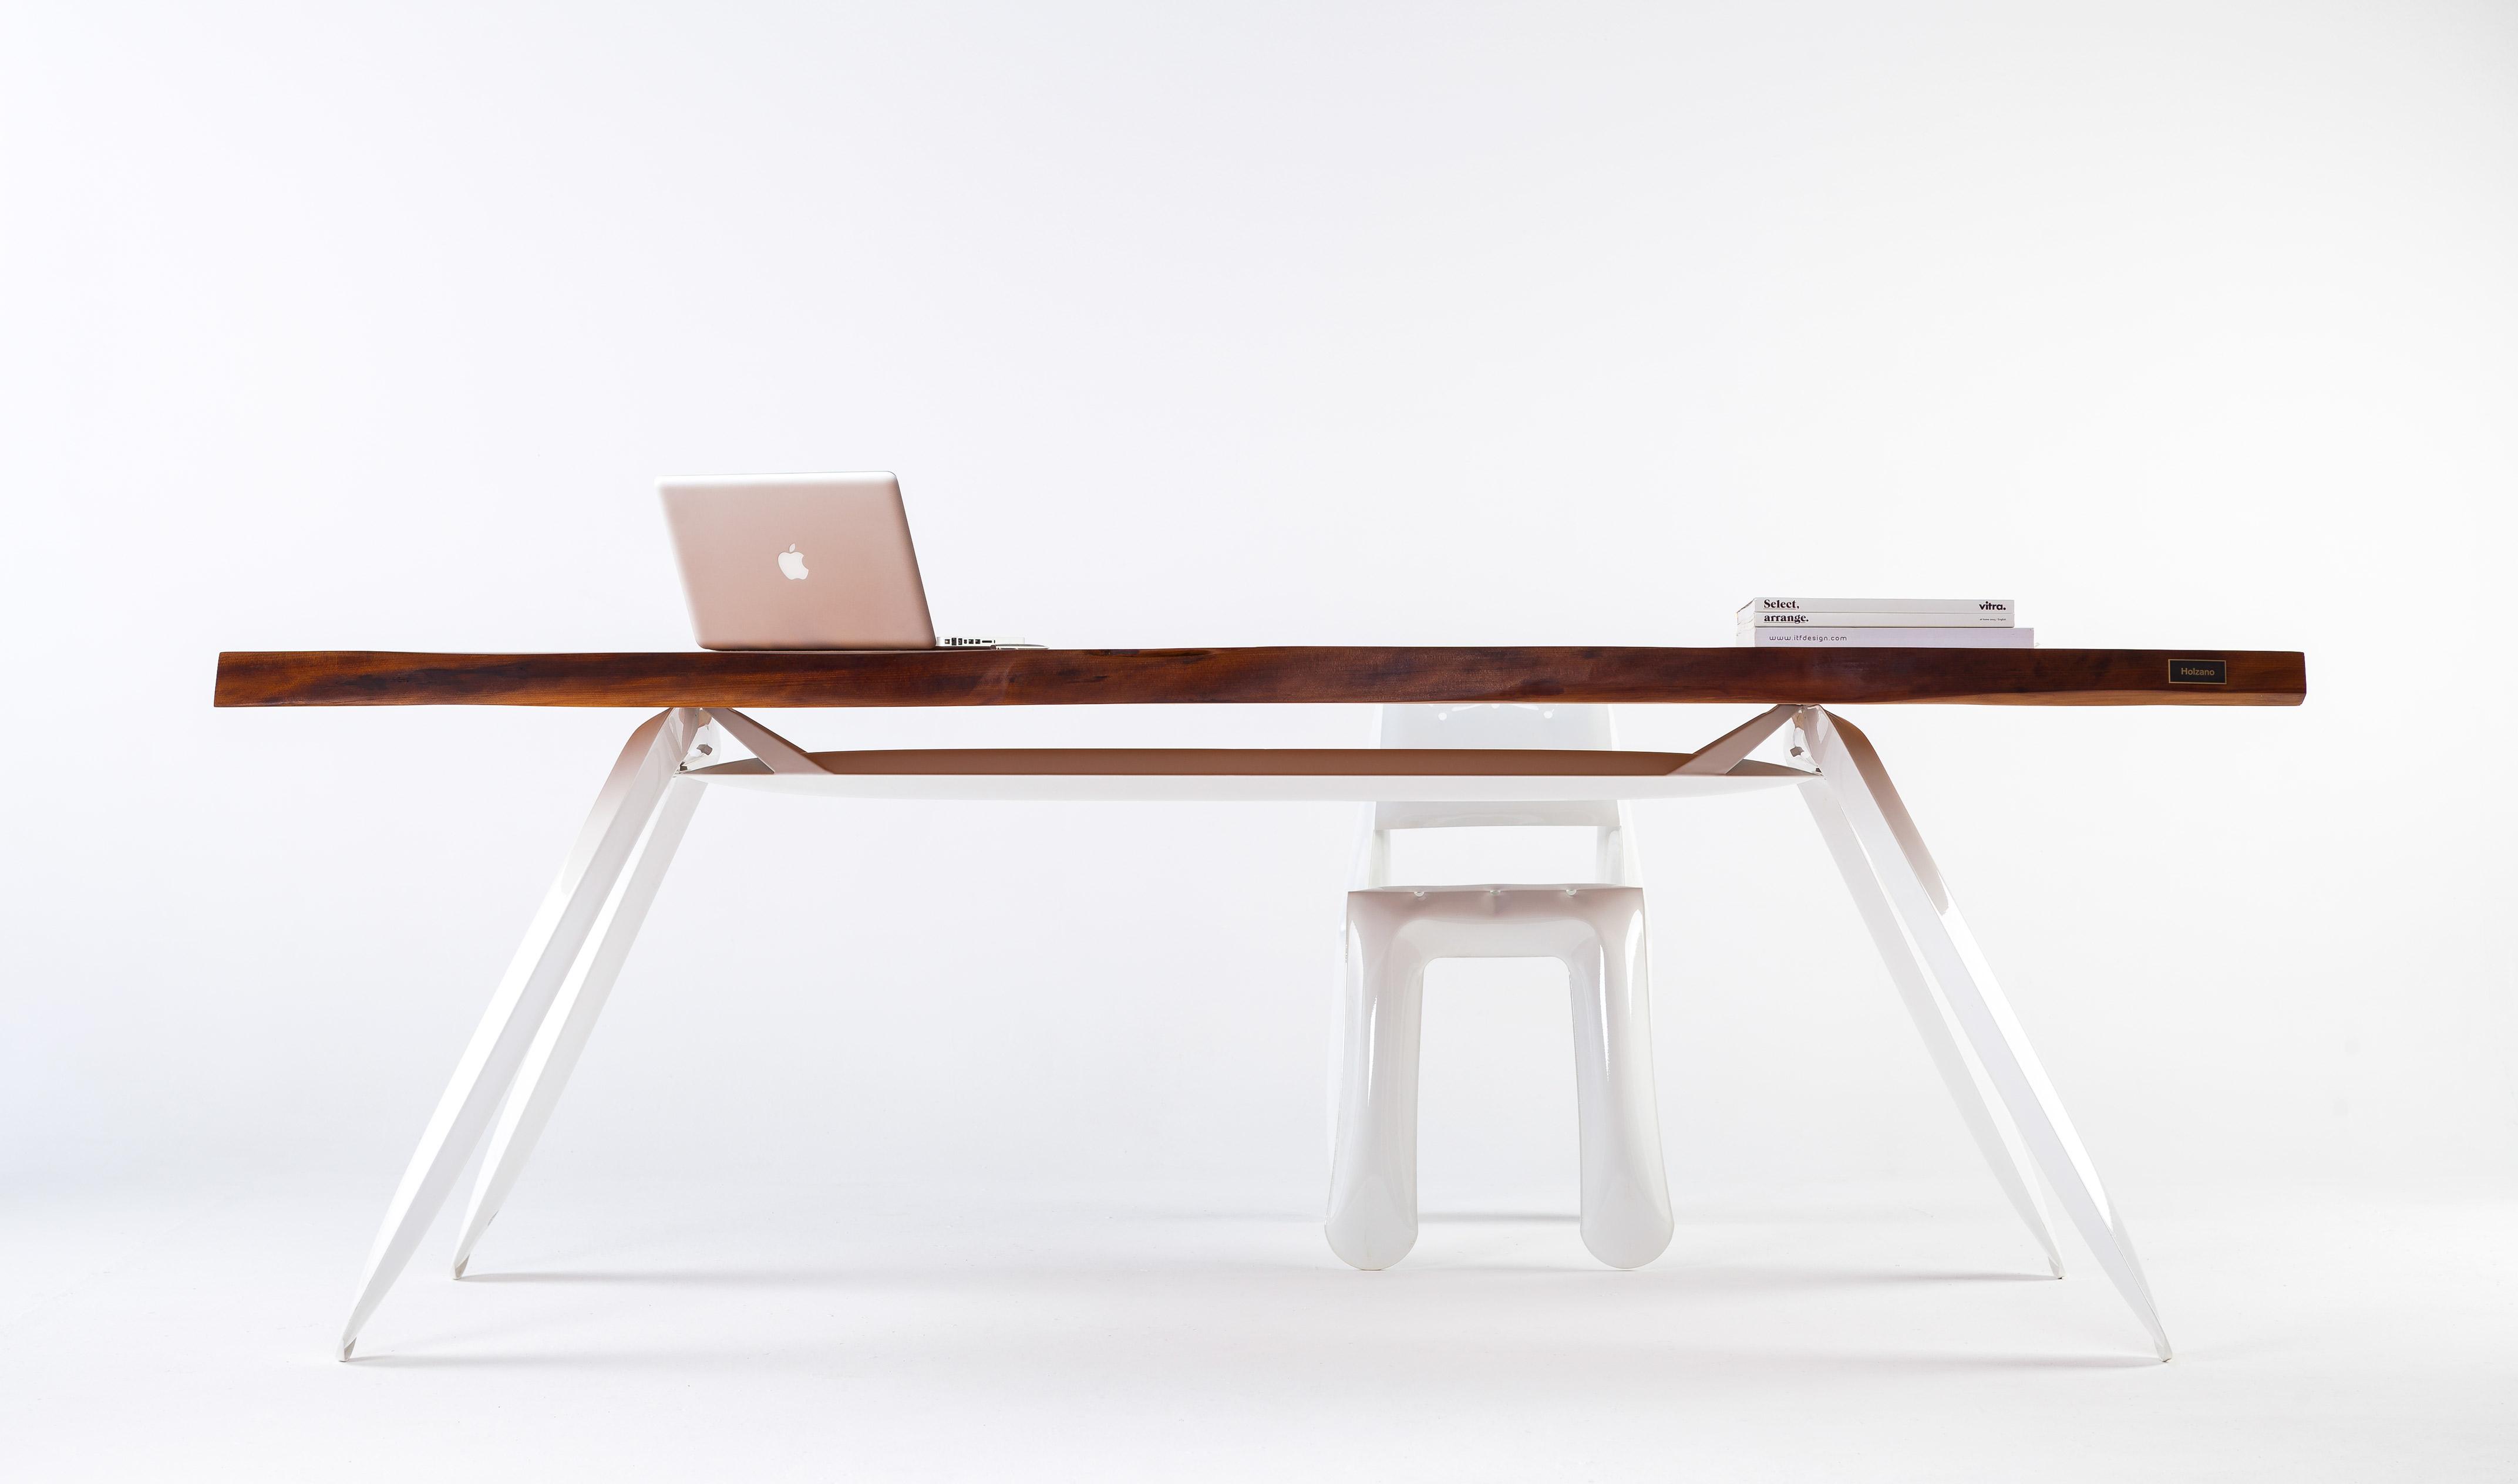 kaurli_table